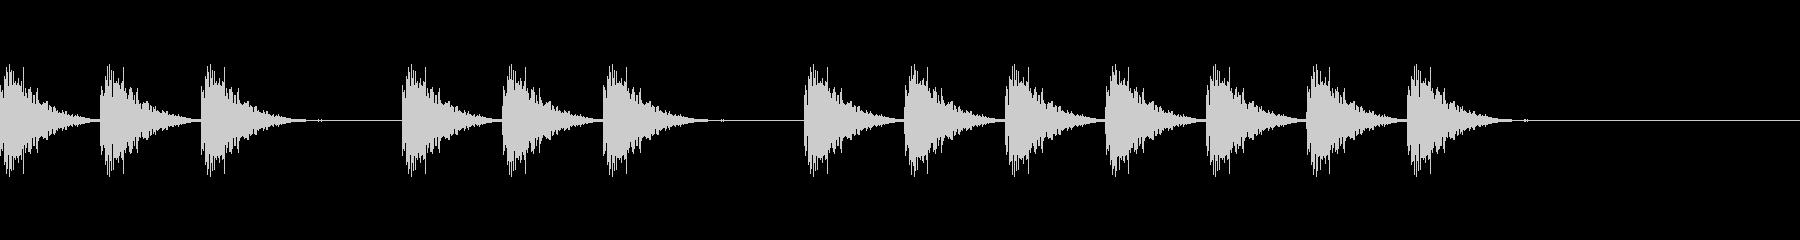 三三七拍子 その11 シャシャシャンの未再生の波形